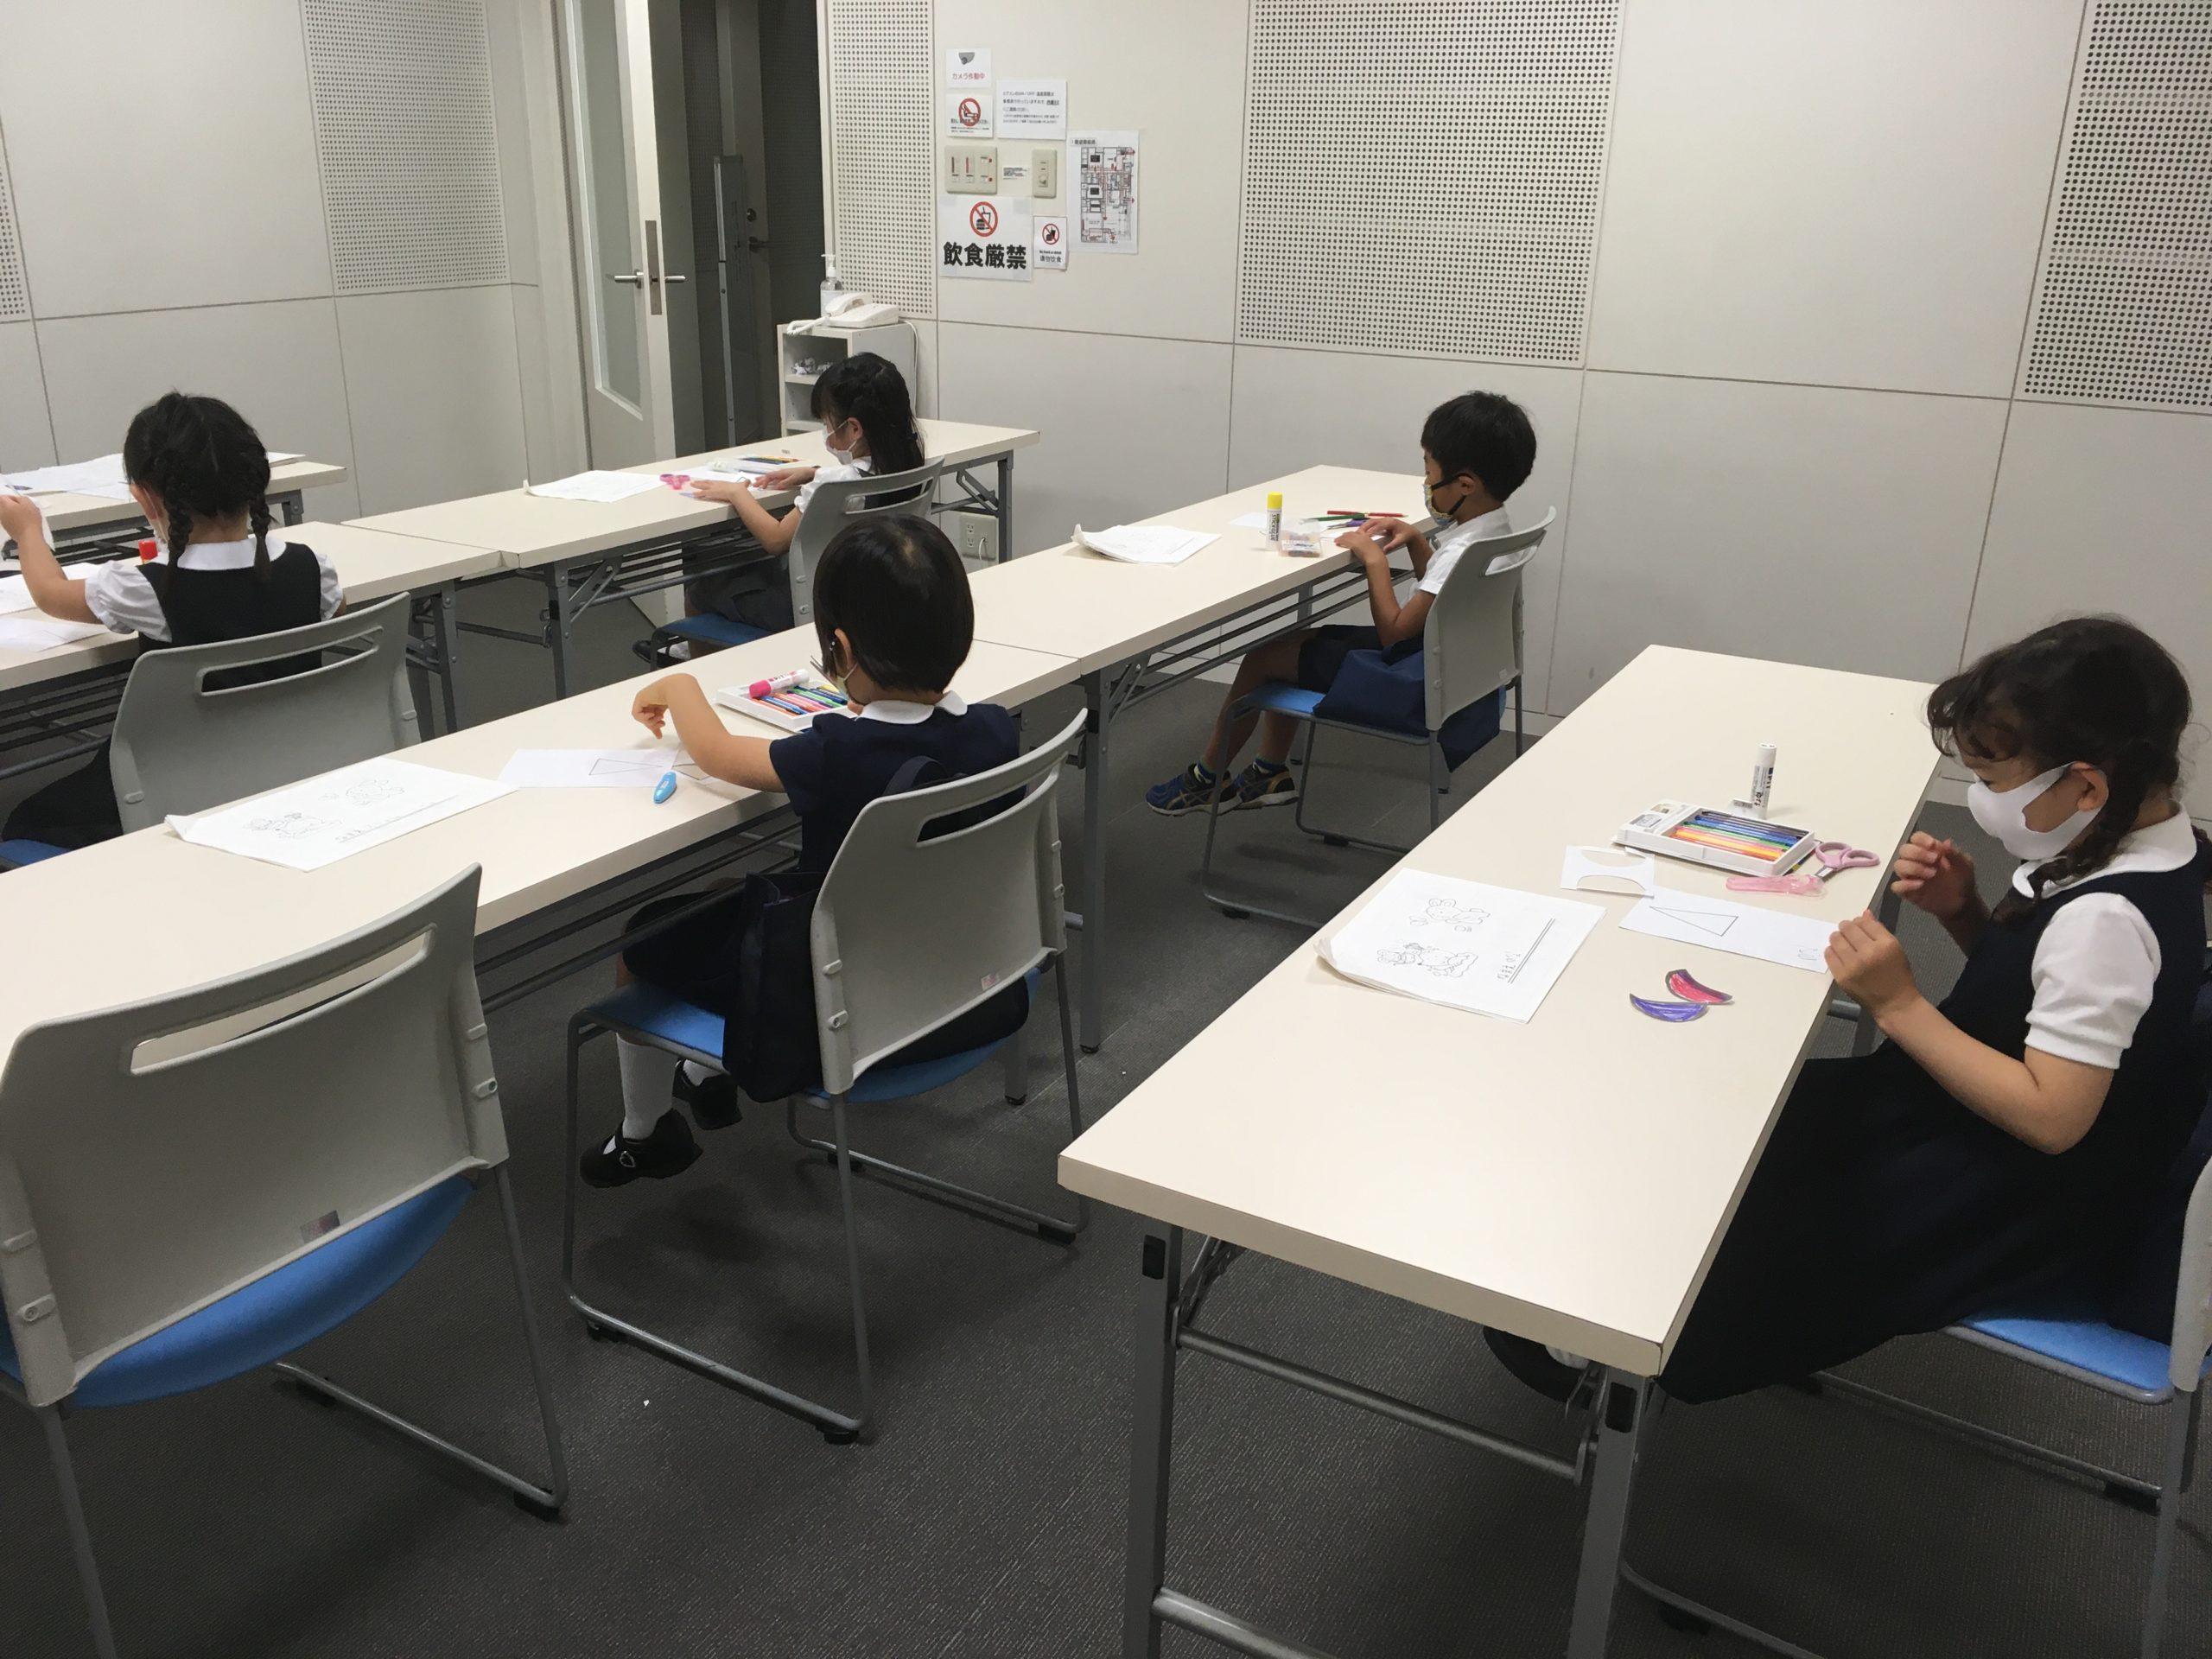 寝屋川幼児教室・香里幼児教室